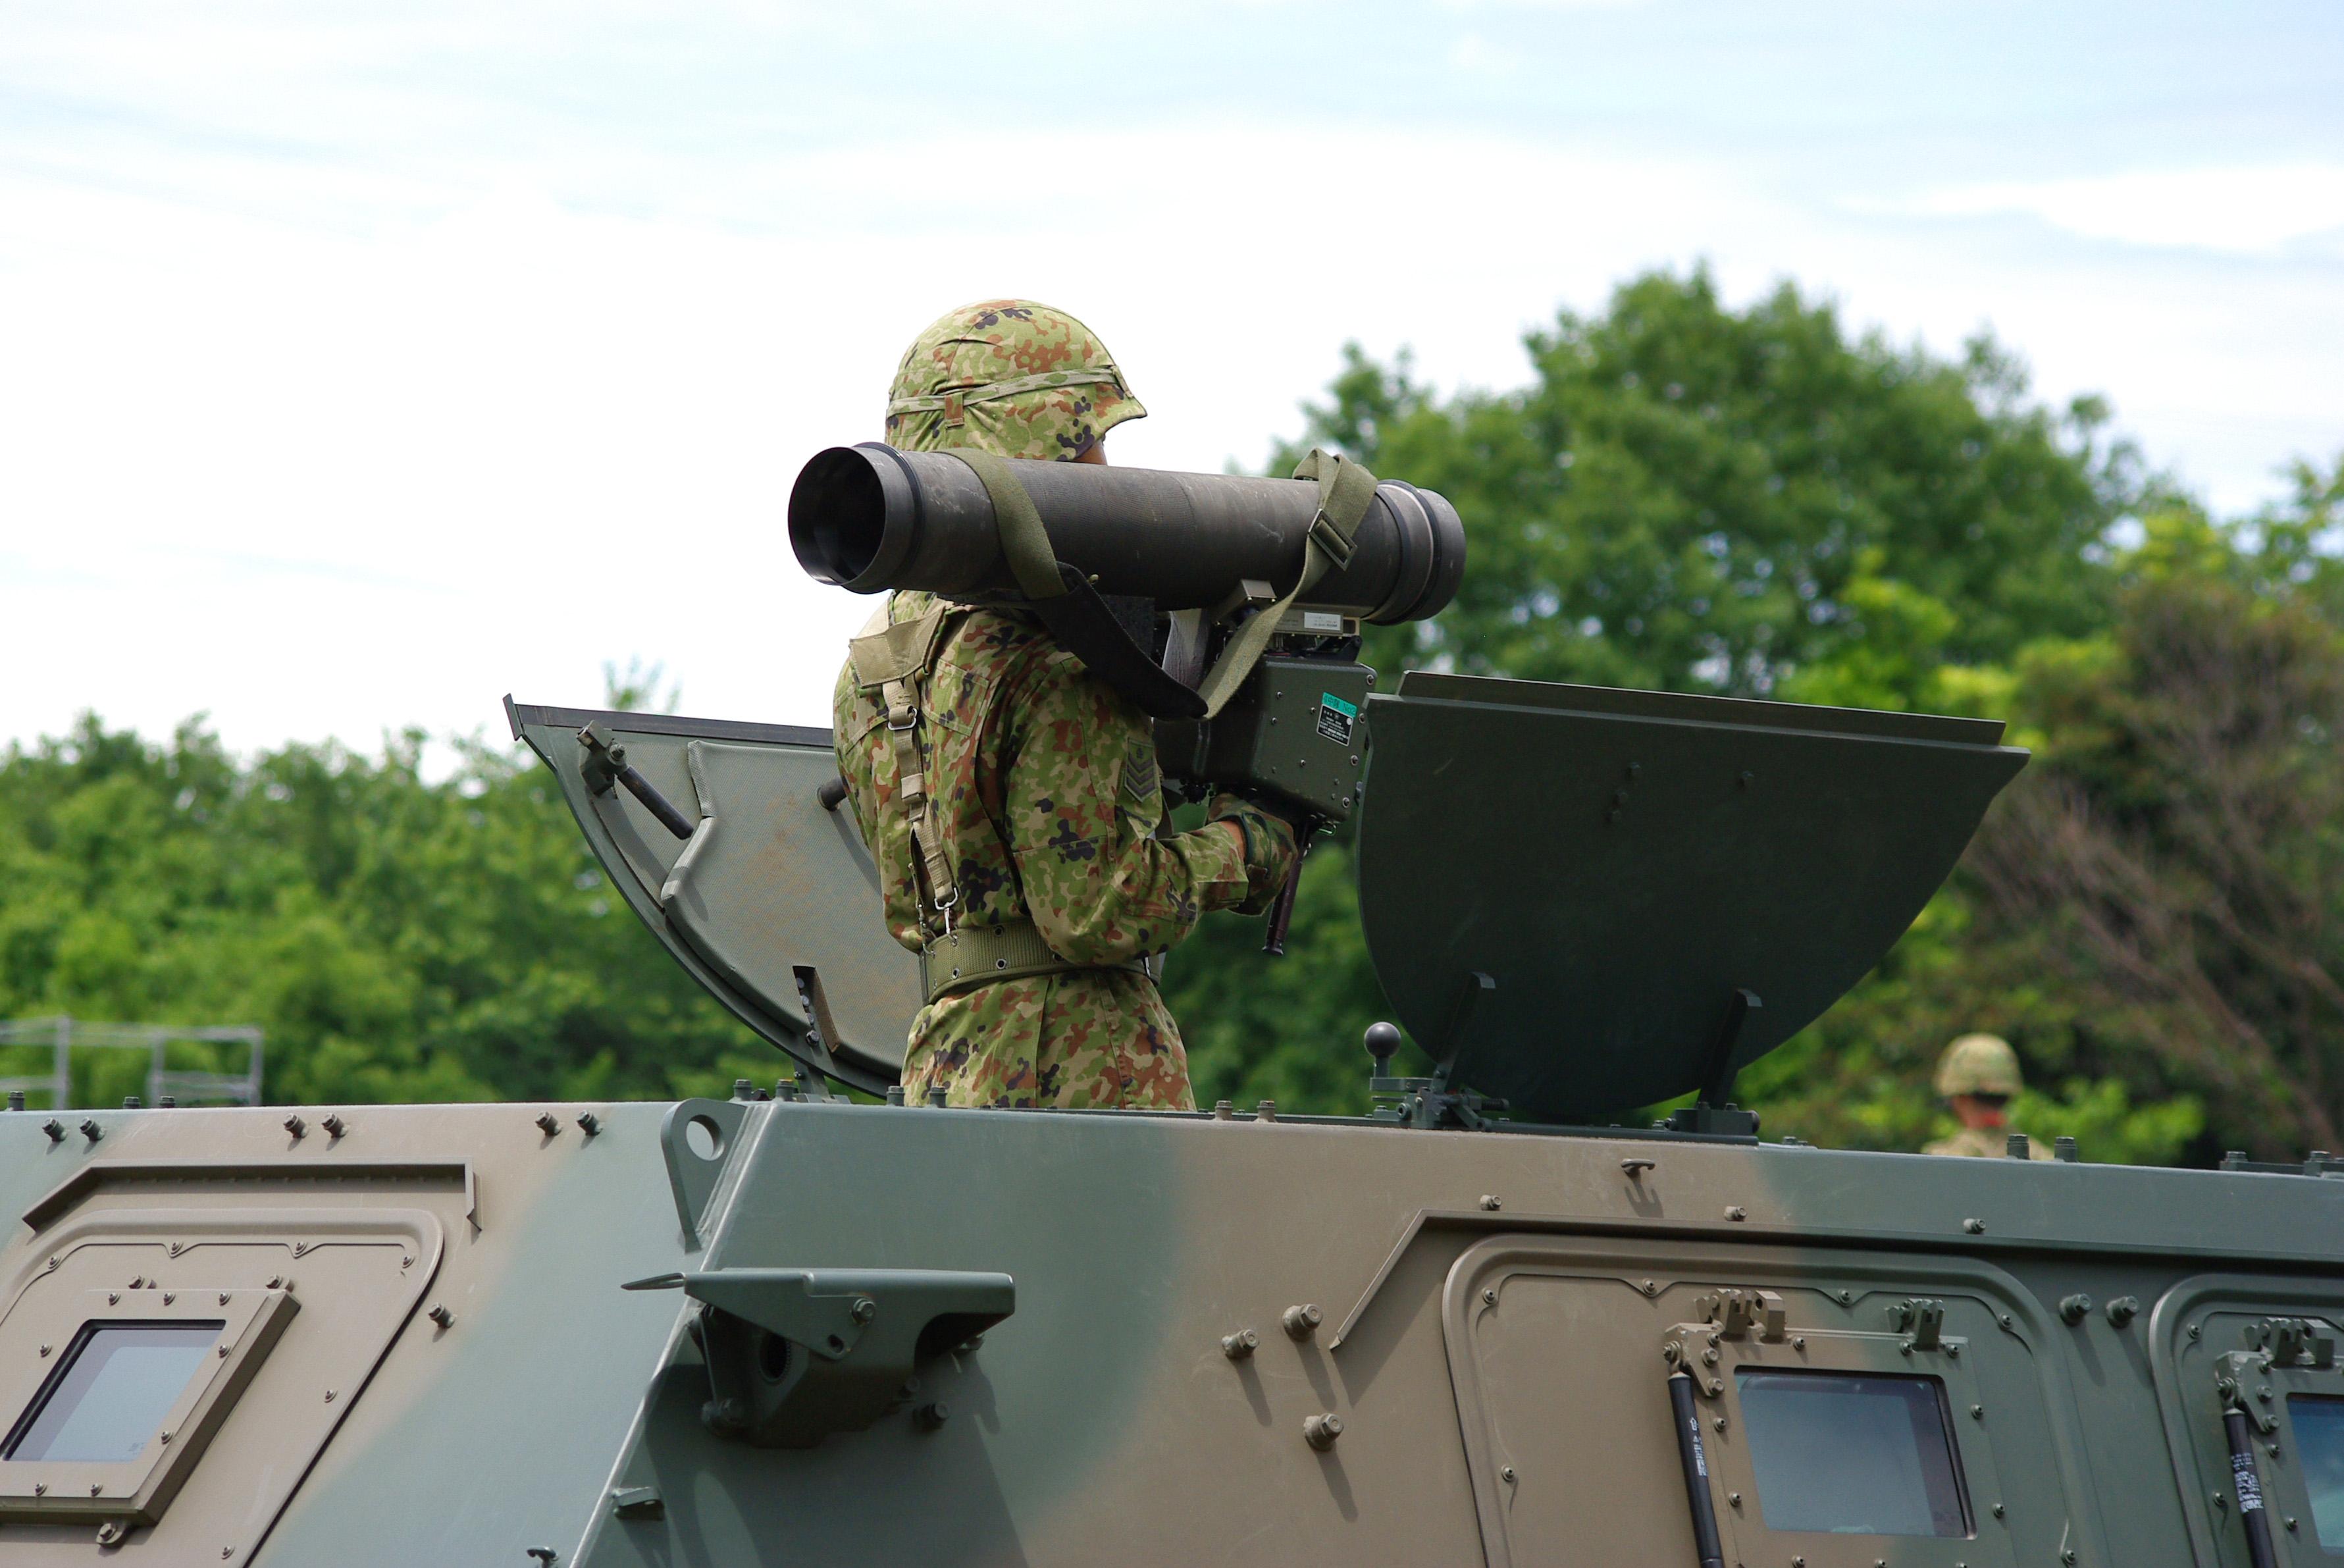 JGSDF_Light_Armored_vehicle_%26_Type01_light_anti-tank_missile_20120610-02.JPG